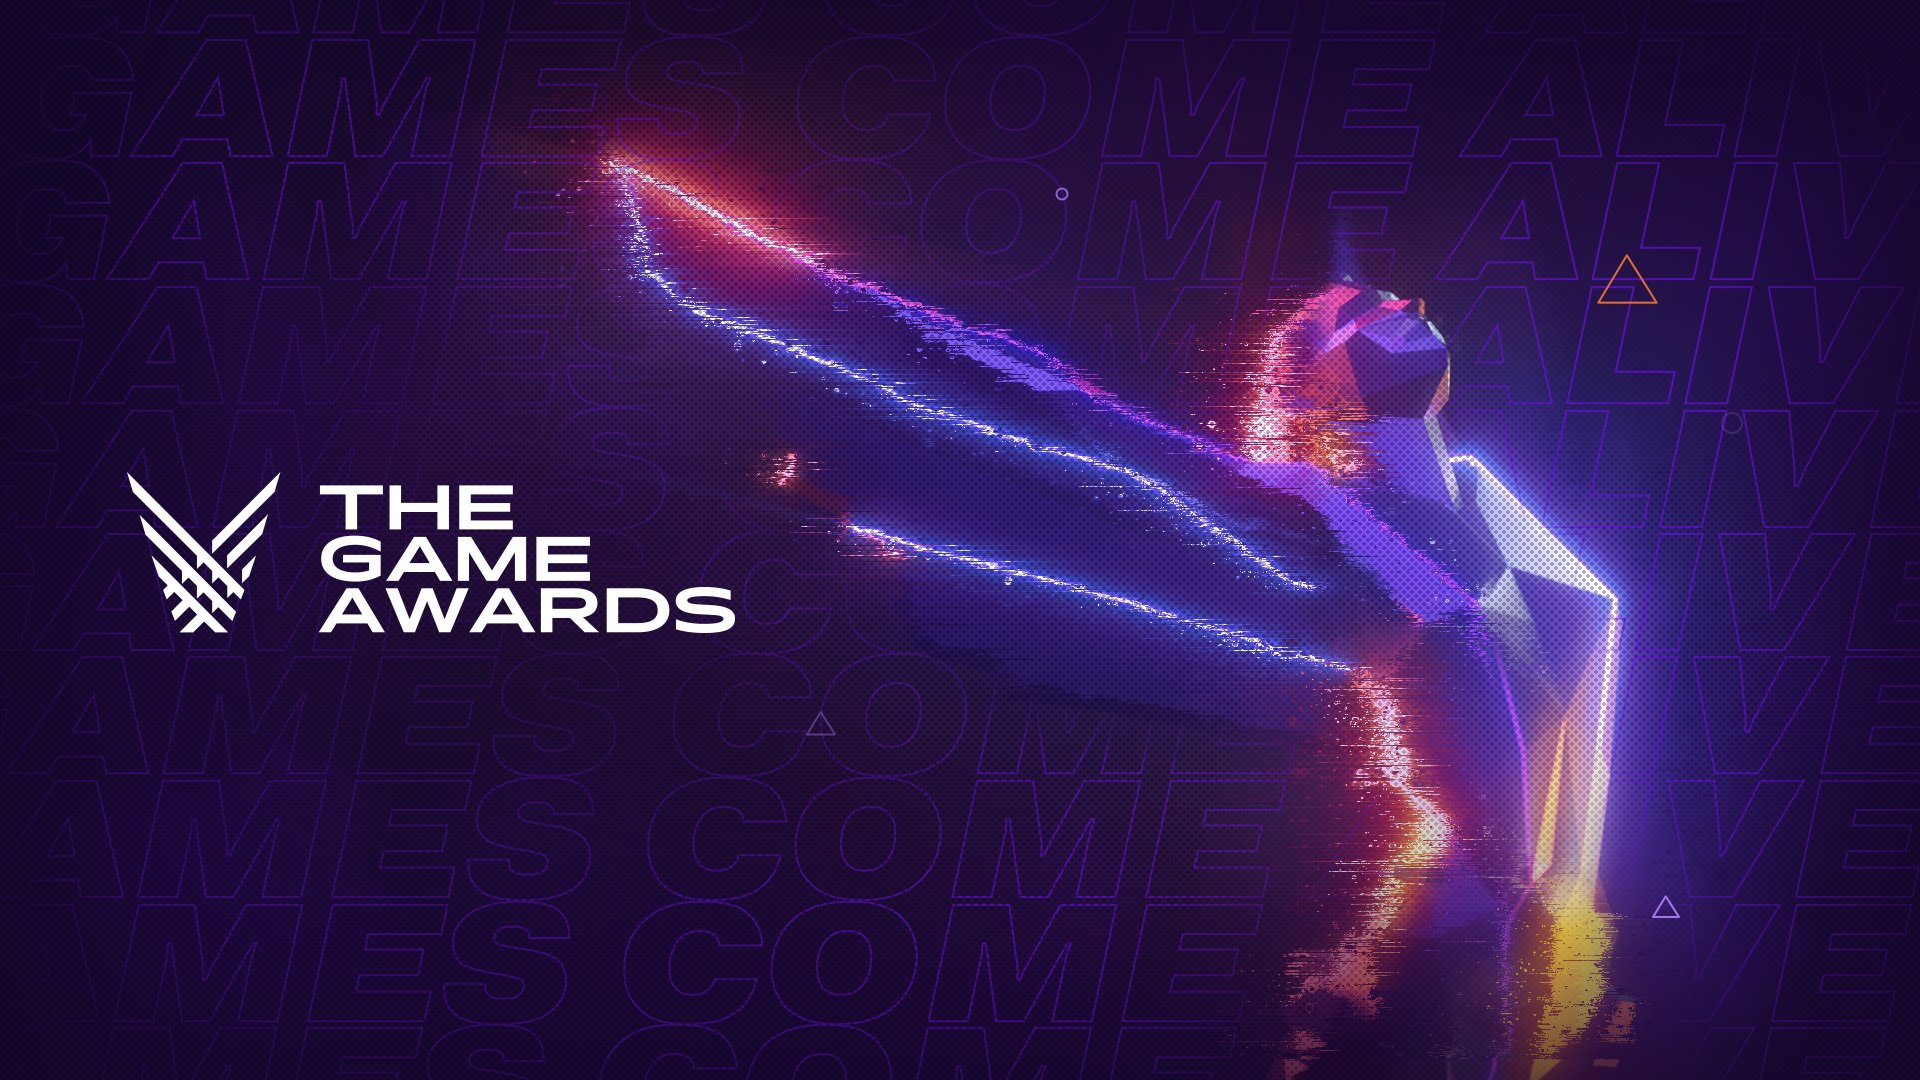 Toutes les catégories et les nominés pour les The Game Awards 2019